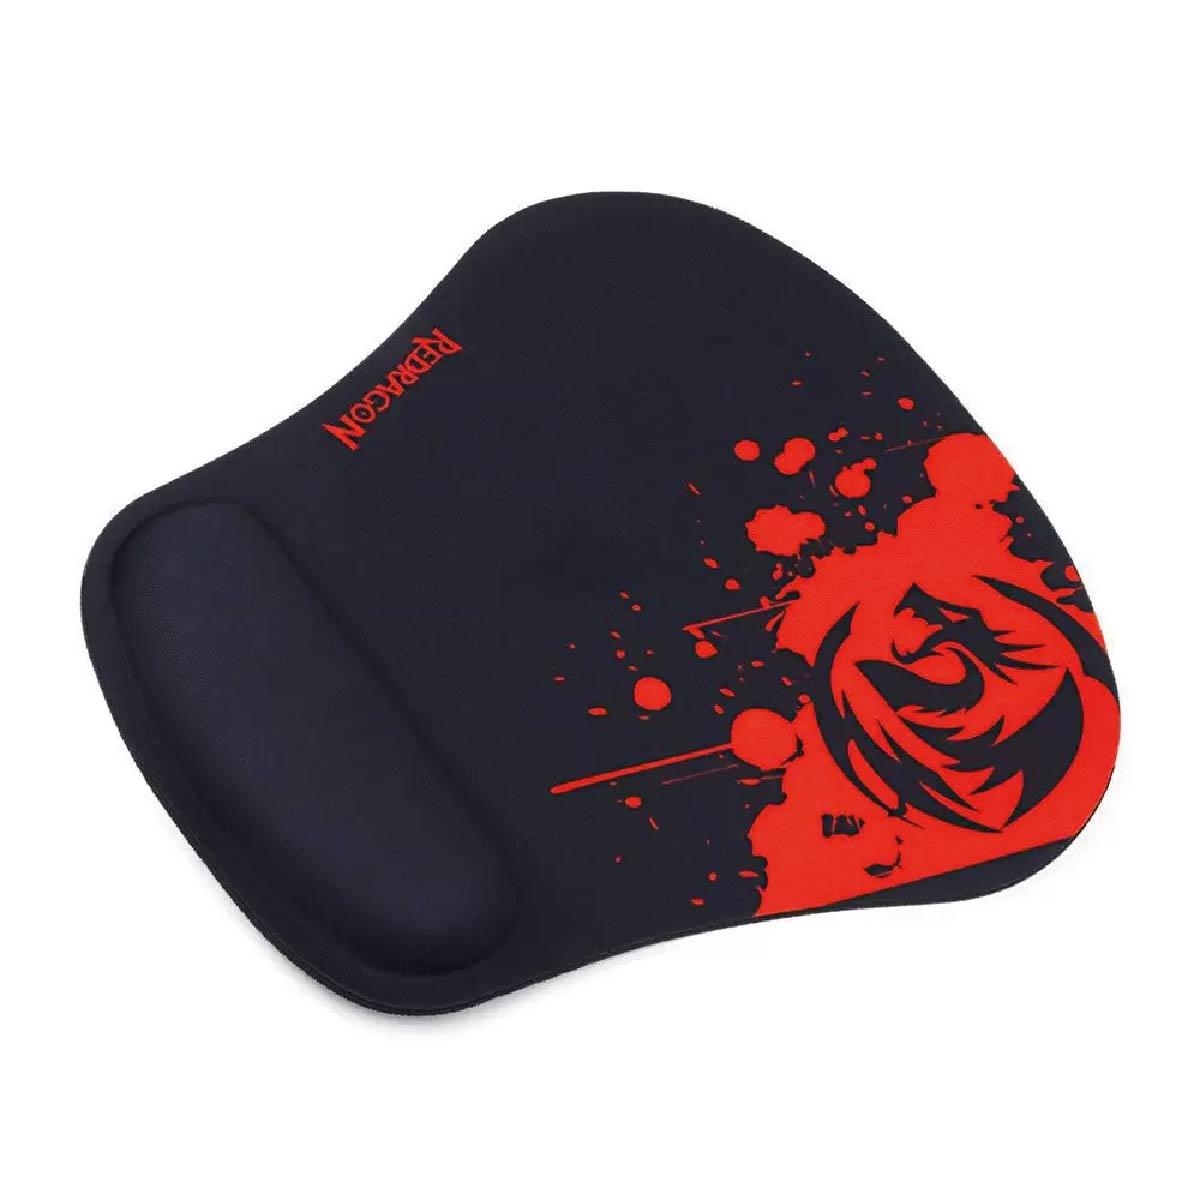 Mousepad Redragon 250x240x3mm Libra P020 Speed Com Apoio de Pulso